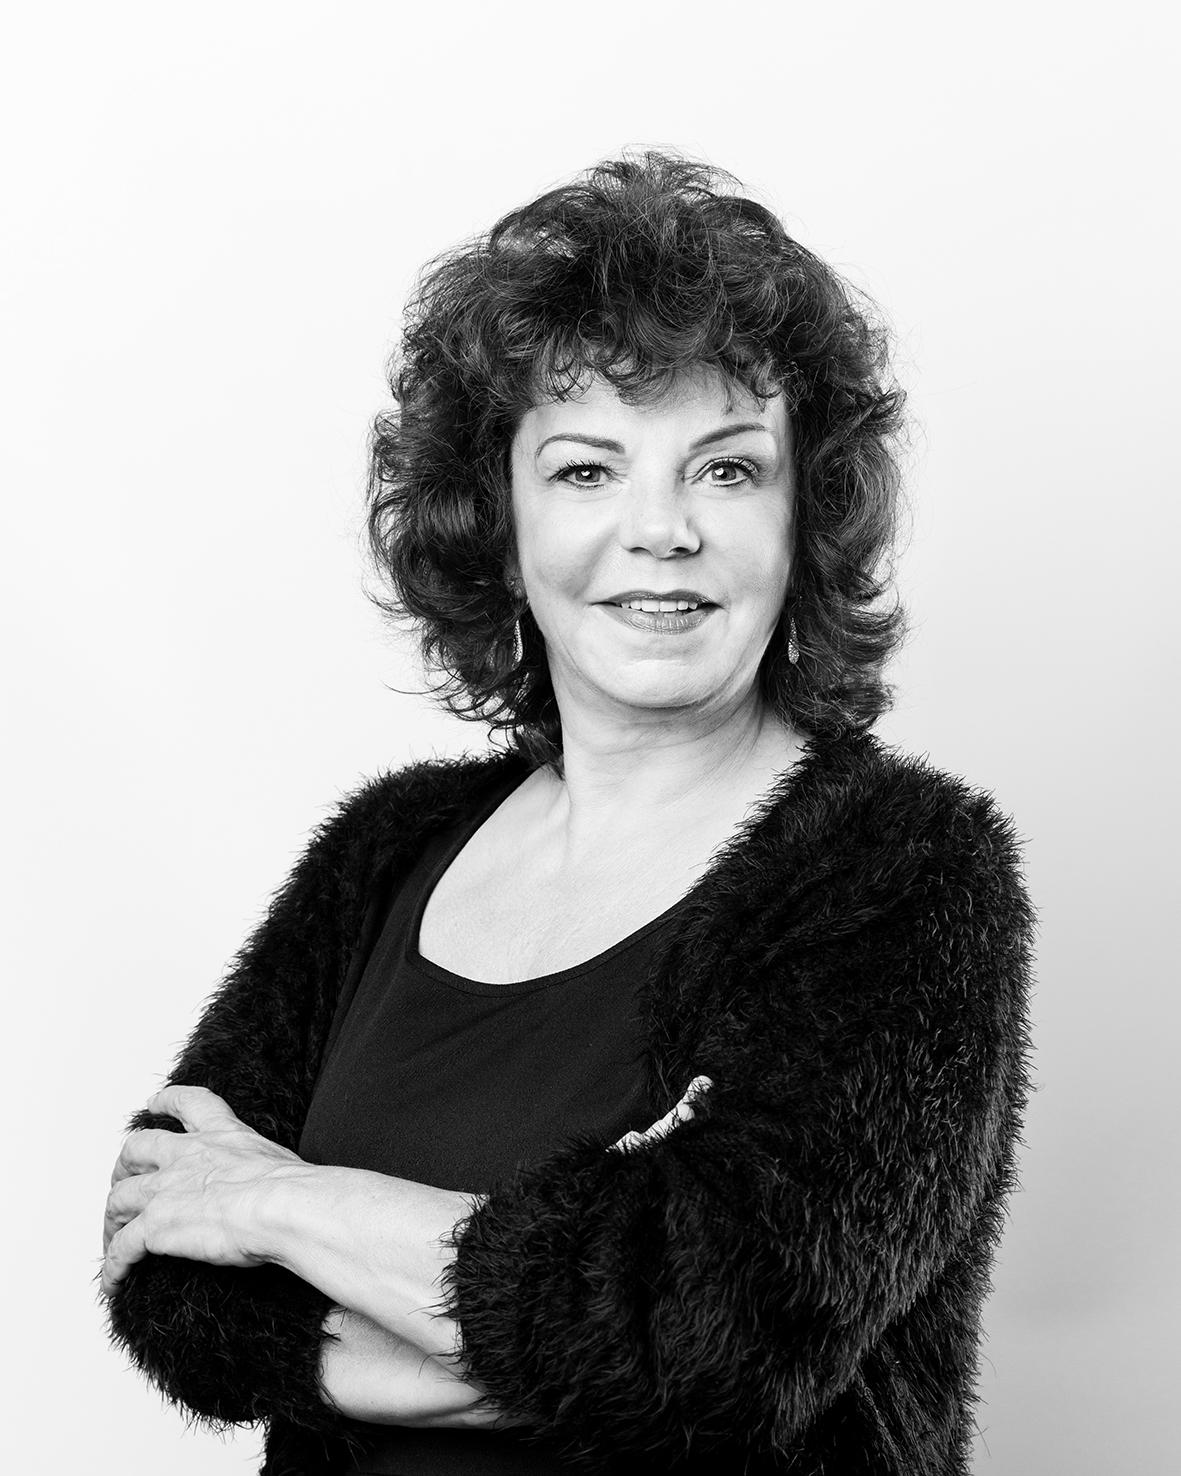 Chanel Profile